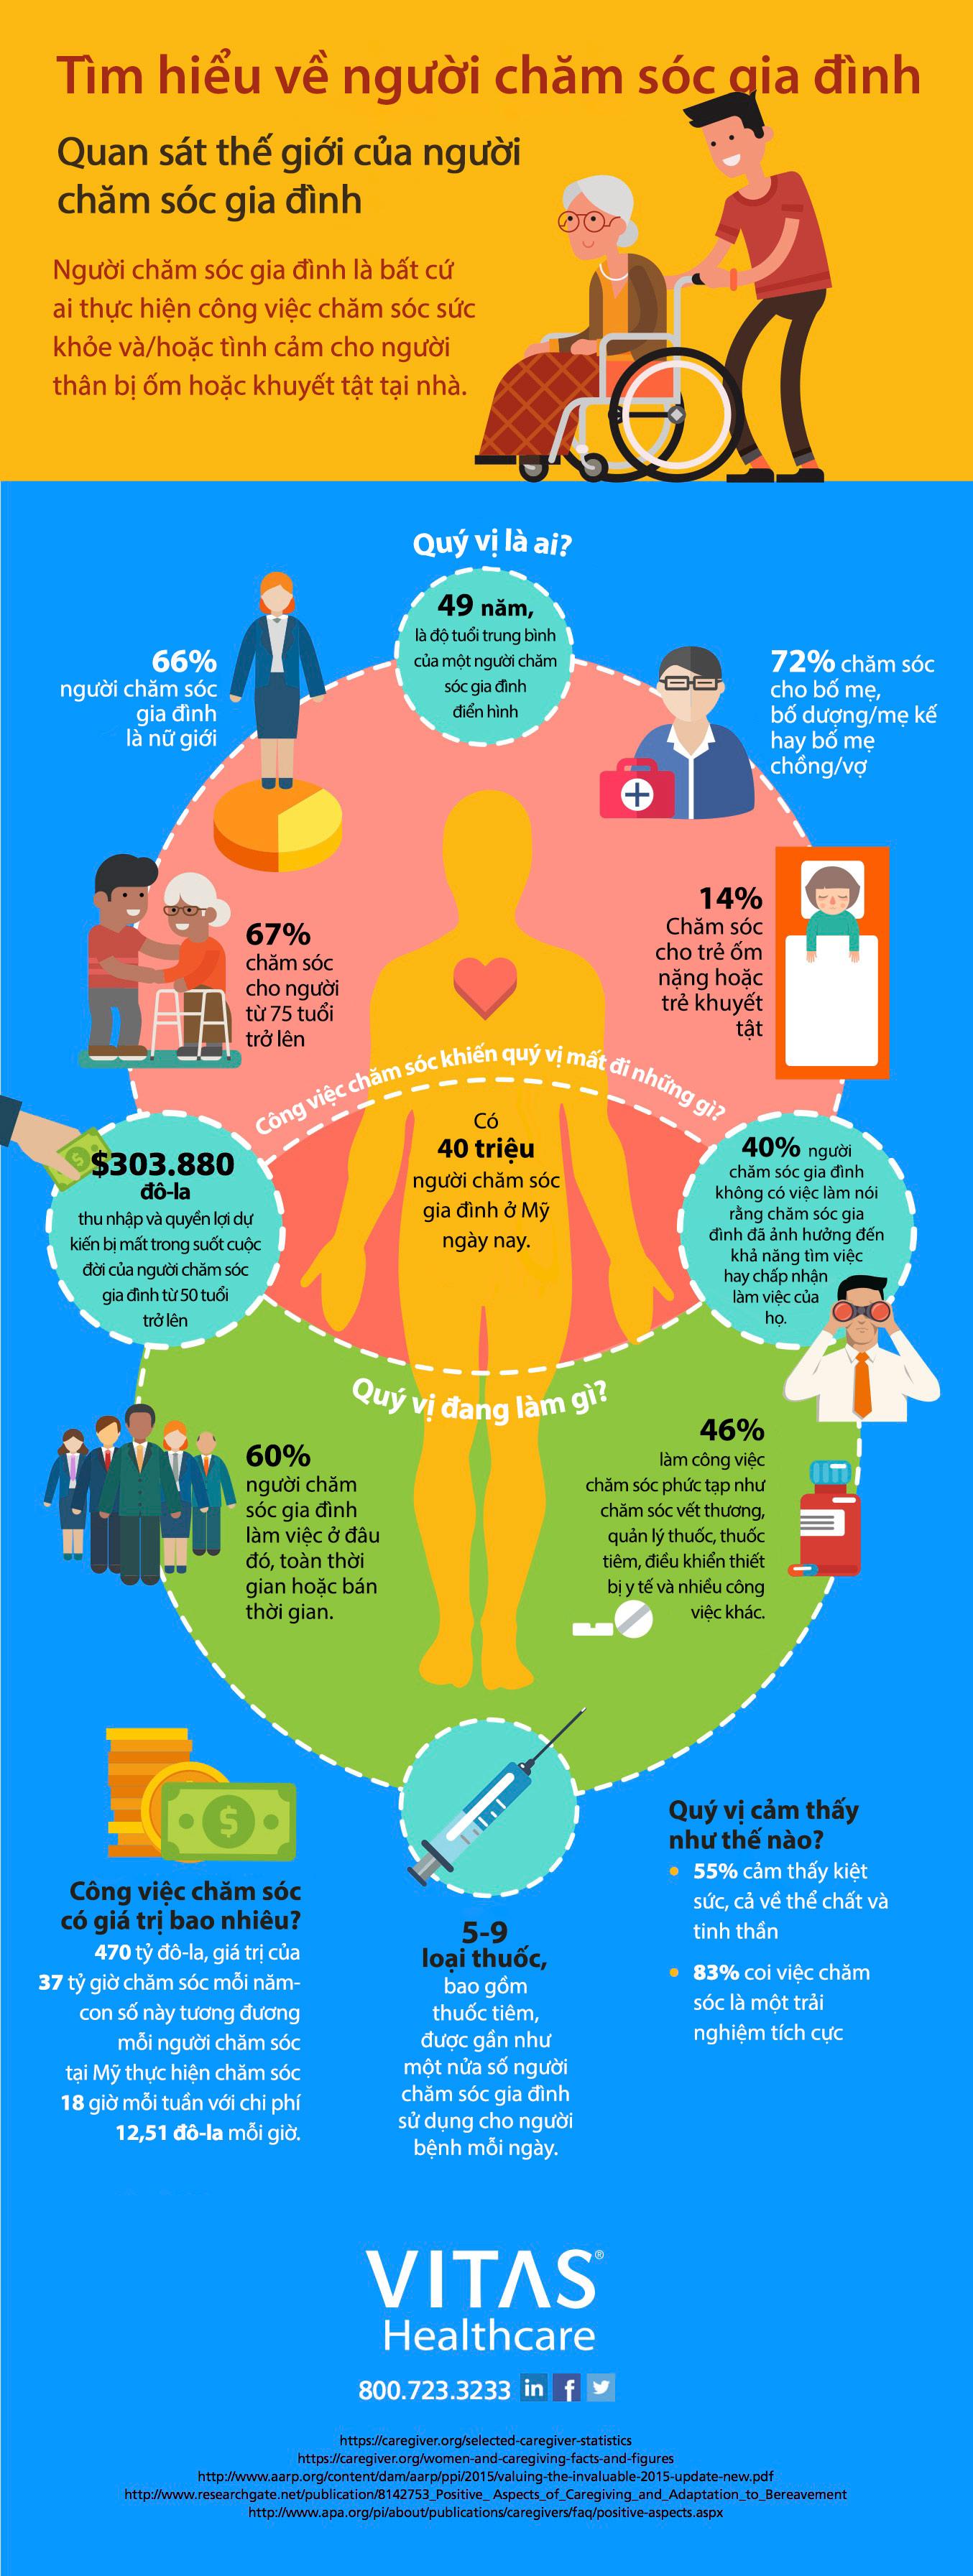 Số liệu và thông tin về người chăm sóc